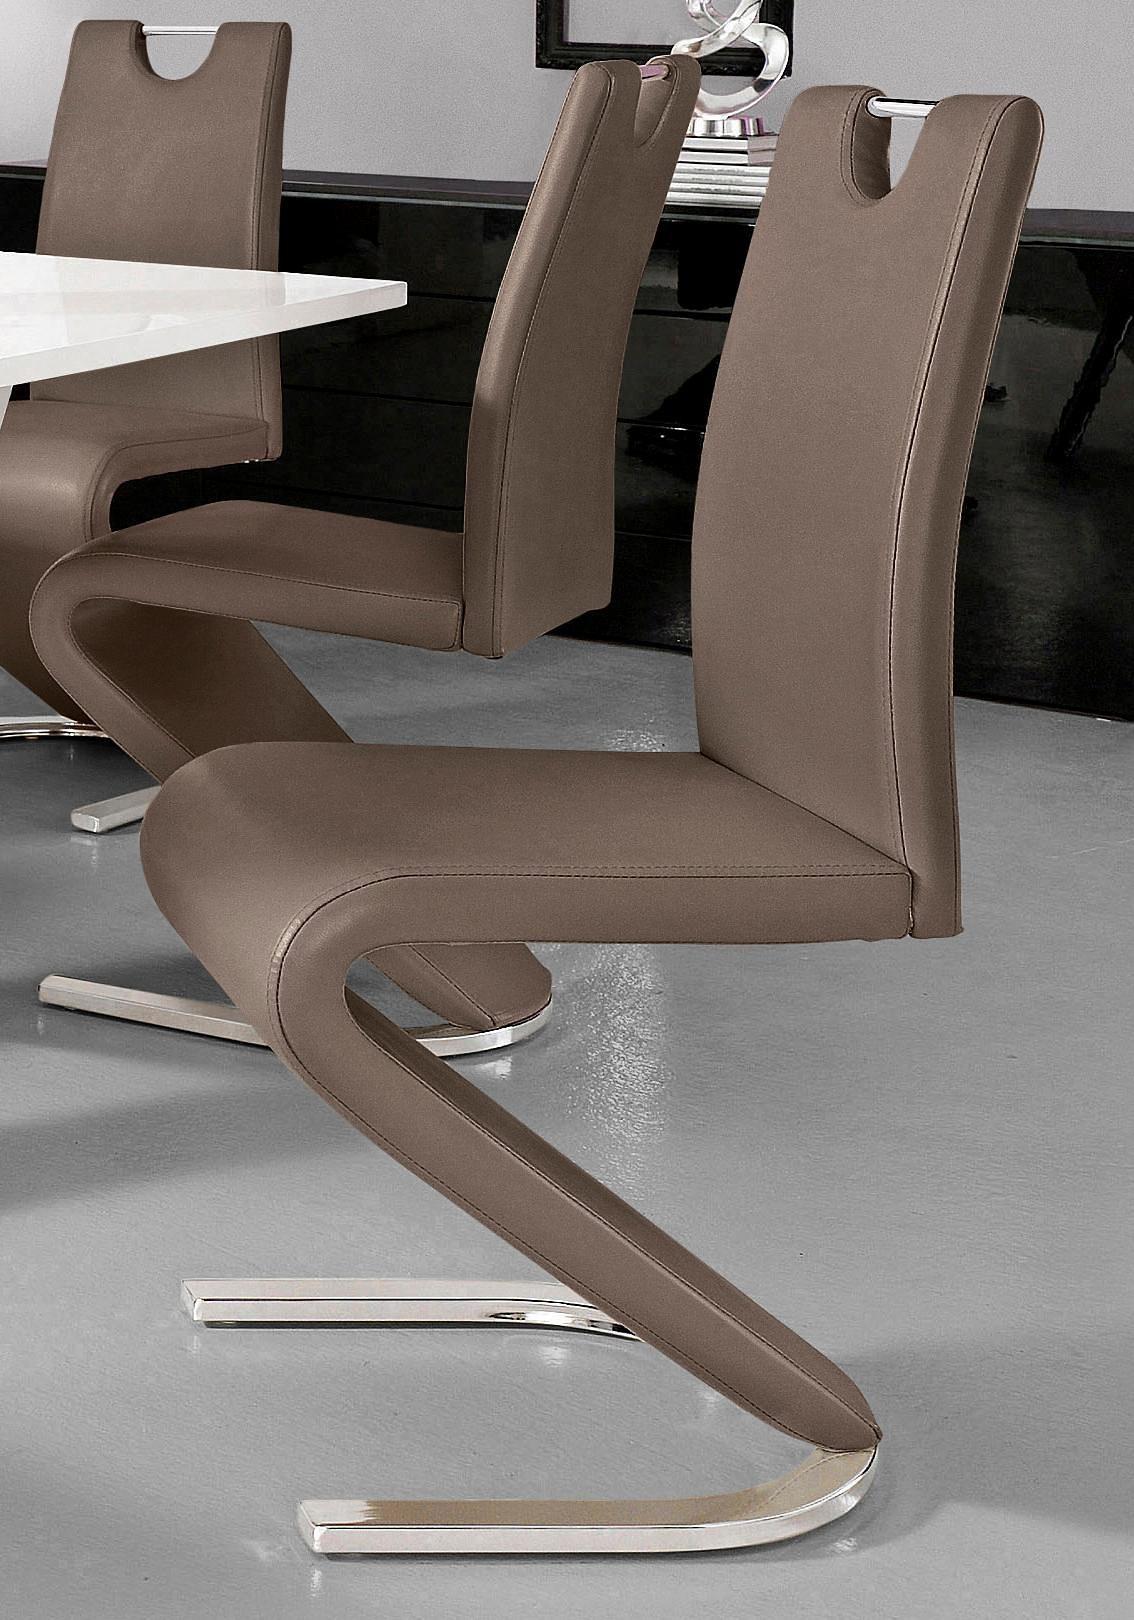 Küchenstühle online online online kaufenOTTO Küchenstühle Küchenstühle kaufenOTTO wv8m0OynNP